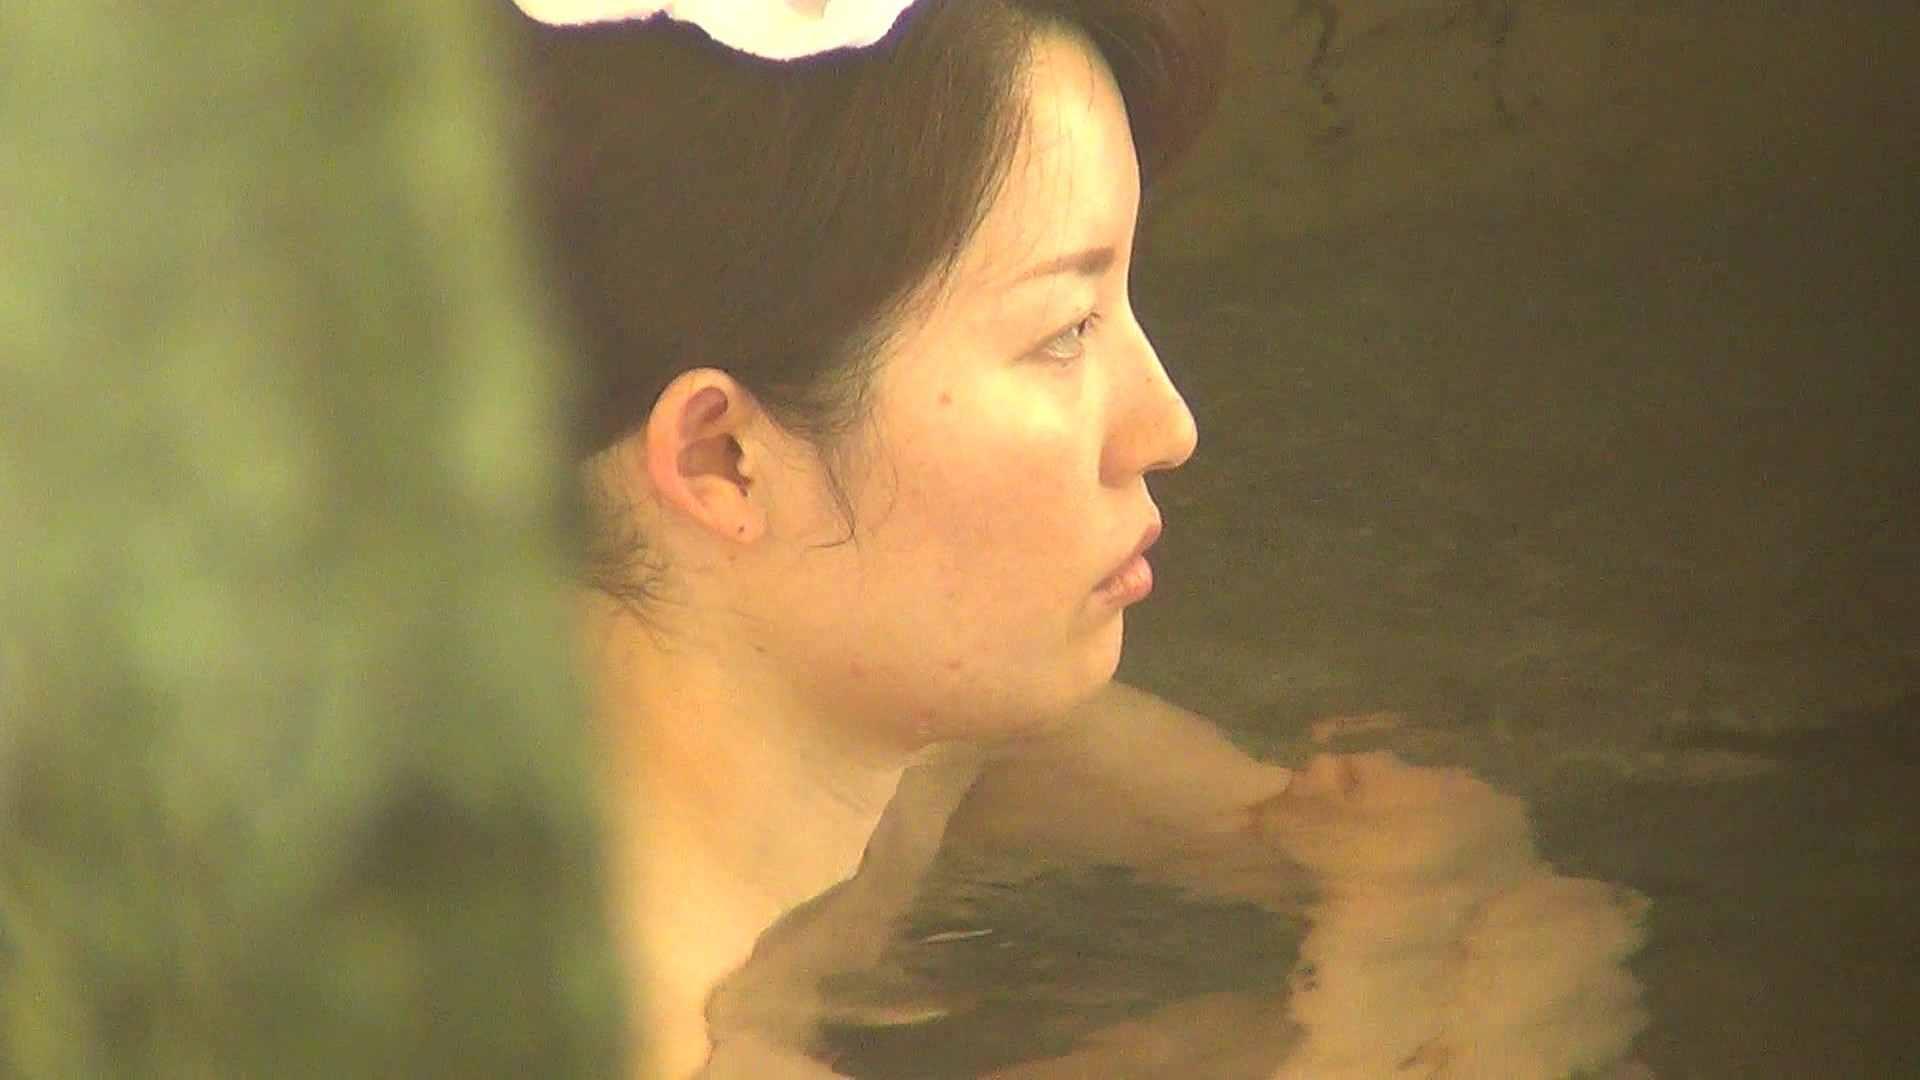 Aquaな露天風呂Vol.301 OLハメ撮り  41Pix 35